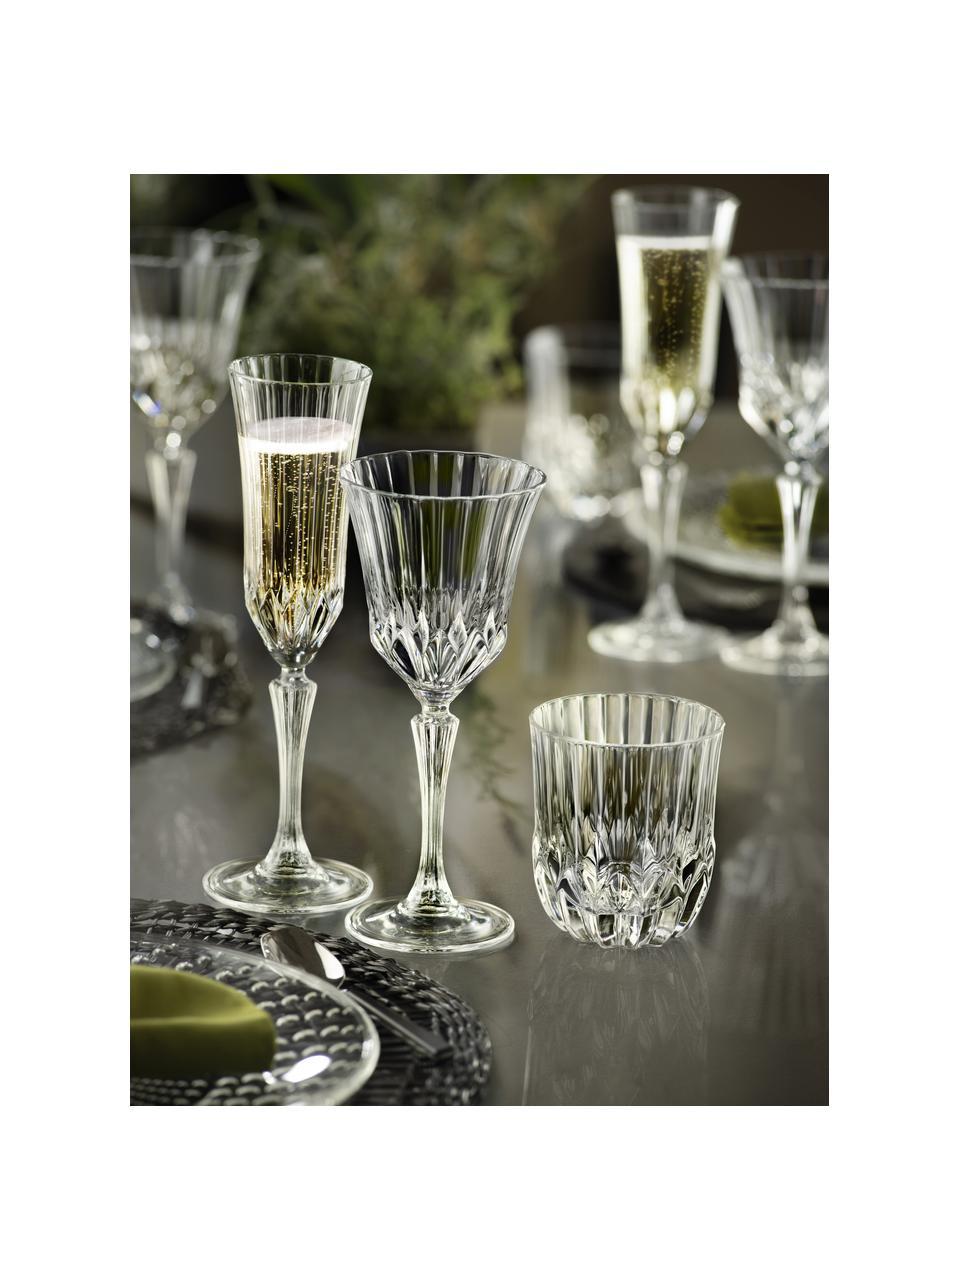 Kieliszek do szampana ze szkła kryształowego Adagio, 6 szt., Szkło kryształowe, Transparentny, Ø 8 x W 25 cm